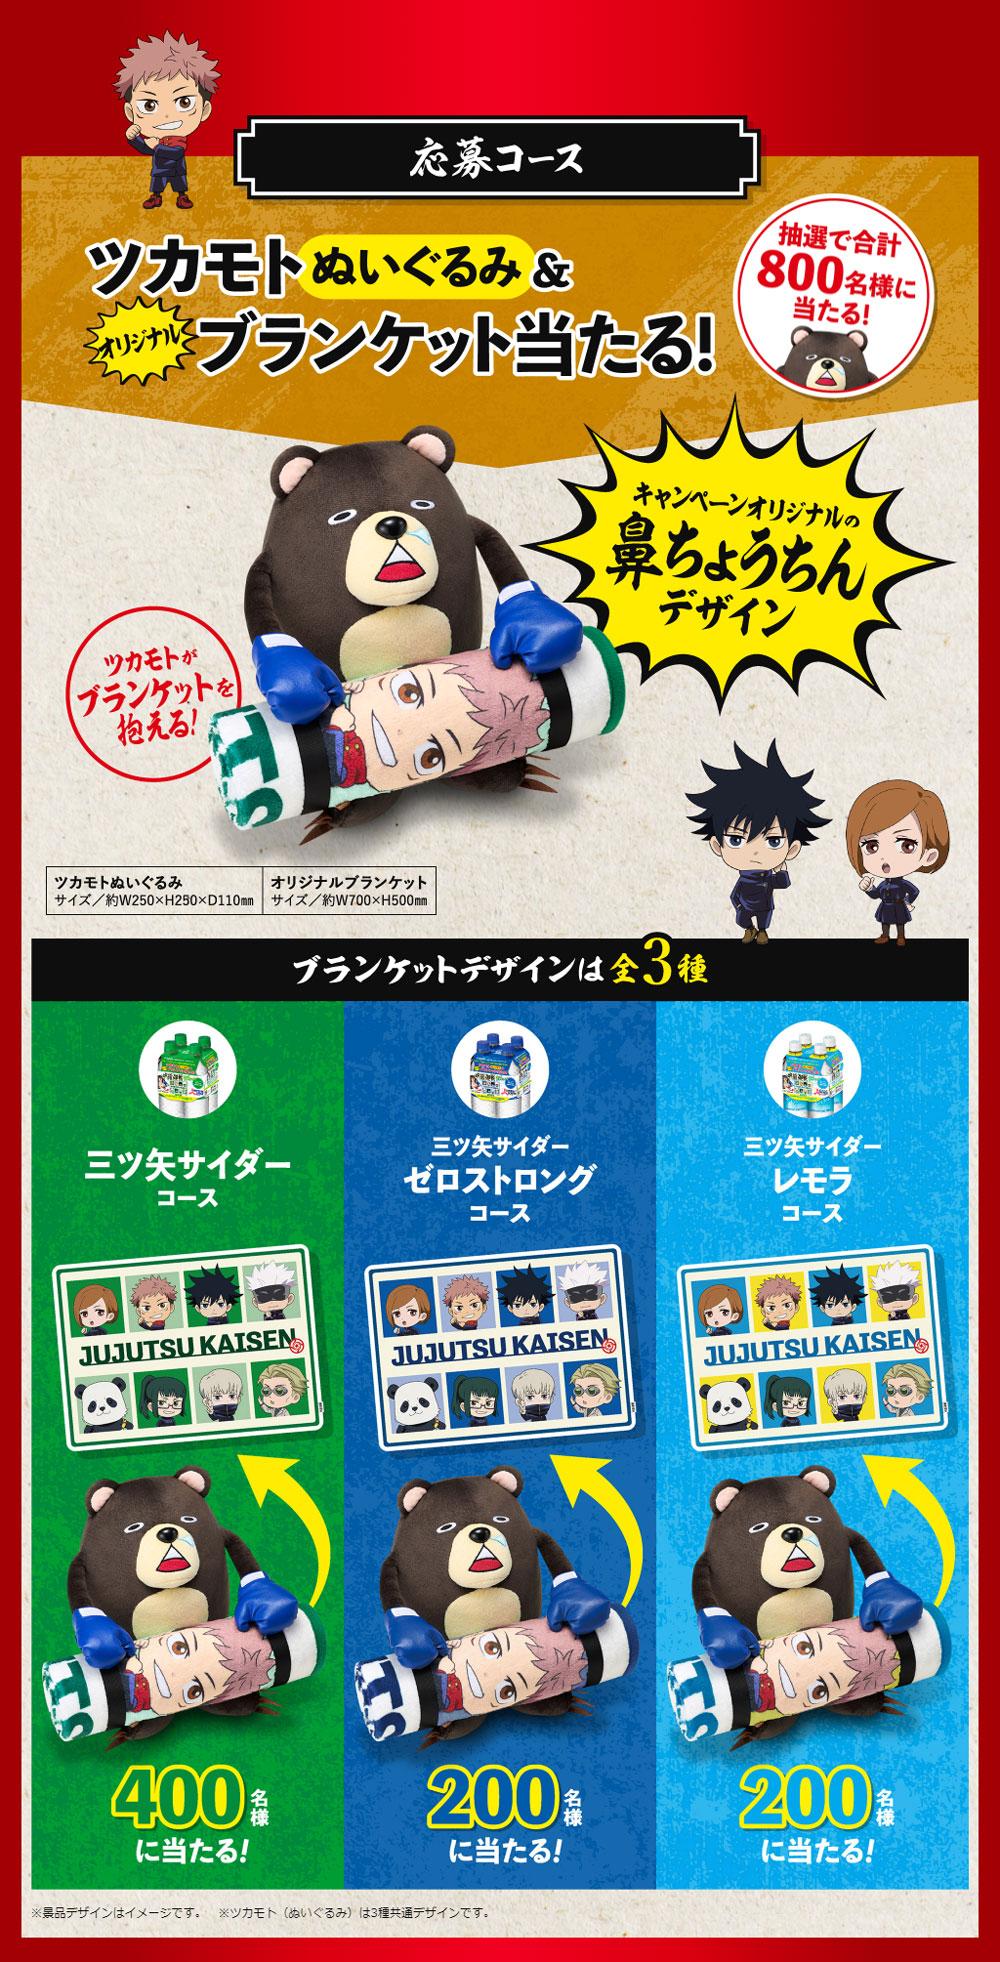 三ツ矢サイダー 呪術廻戦 懸賞キャンペーン2021 プレゼント懸賞品